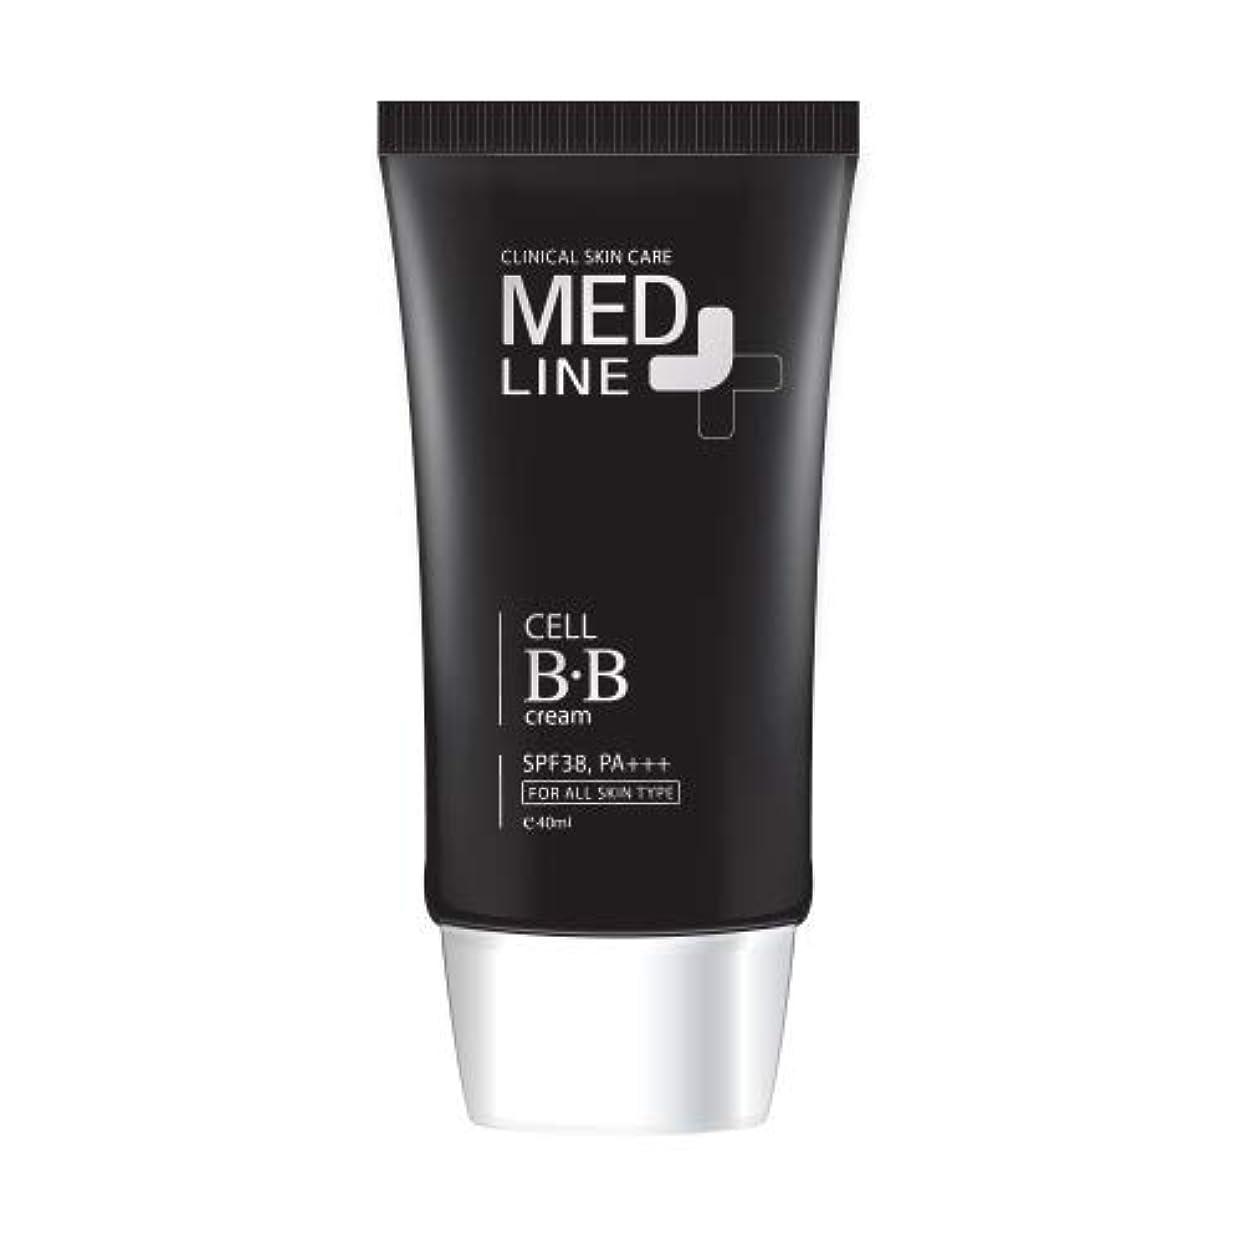 精神的に豆自我メドライン(Med Line) セルBBクリーム(Cell B.B Cream)